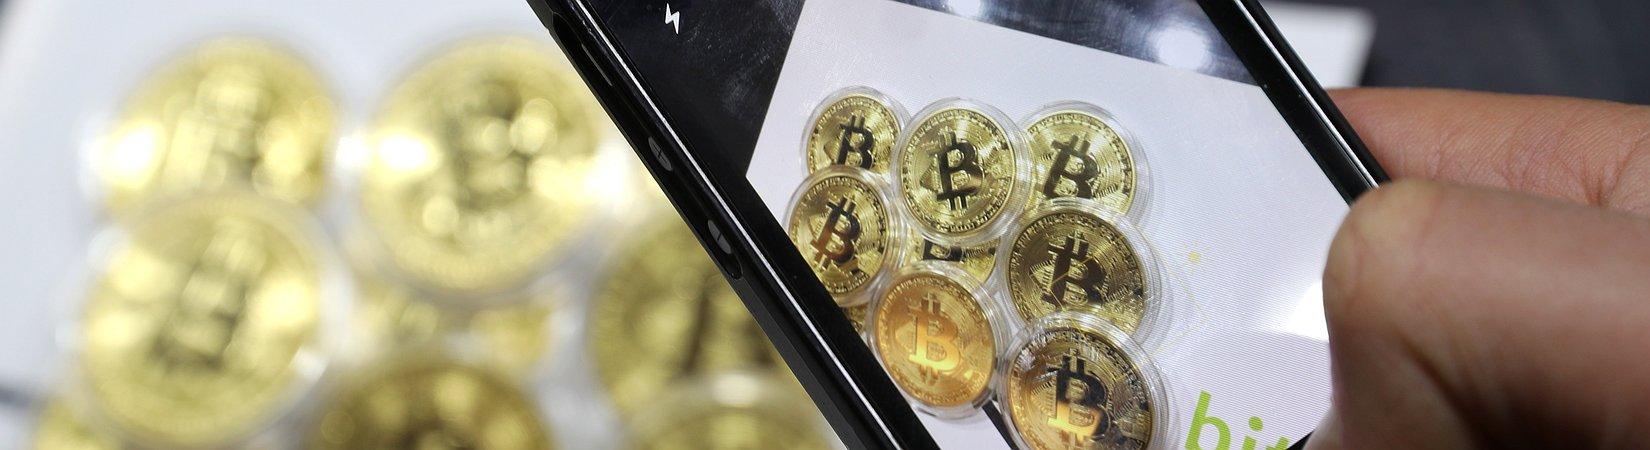 Сколько стоит Bitcoin Gold